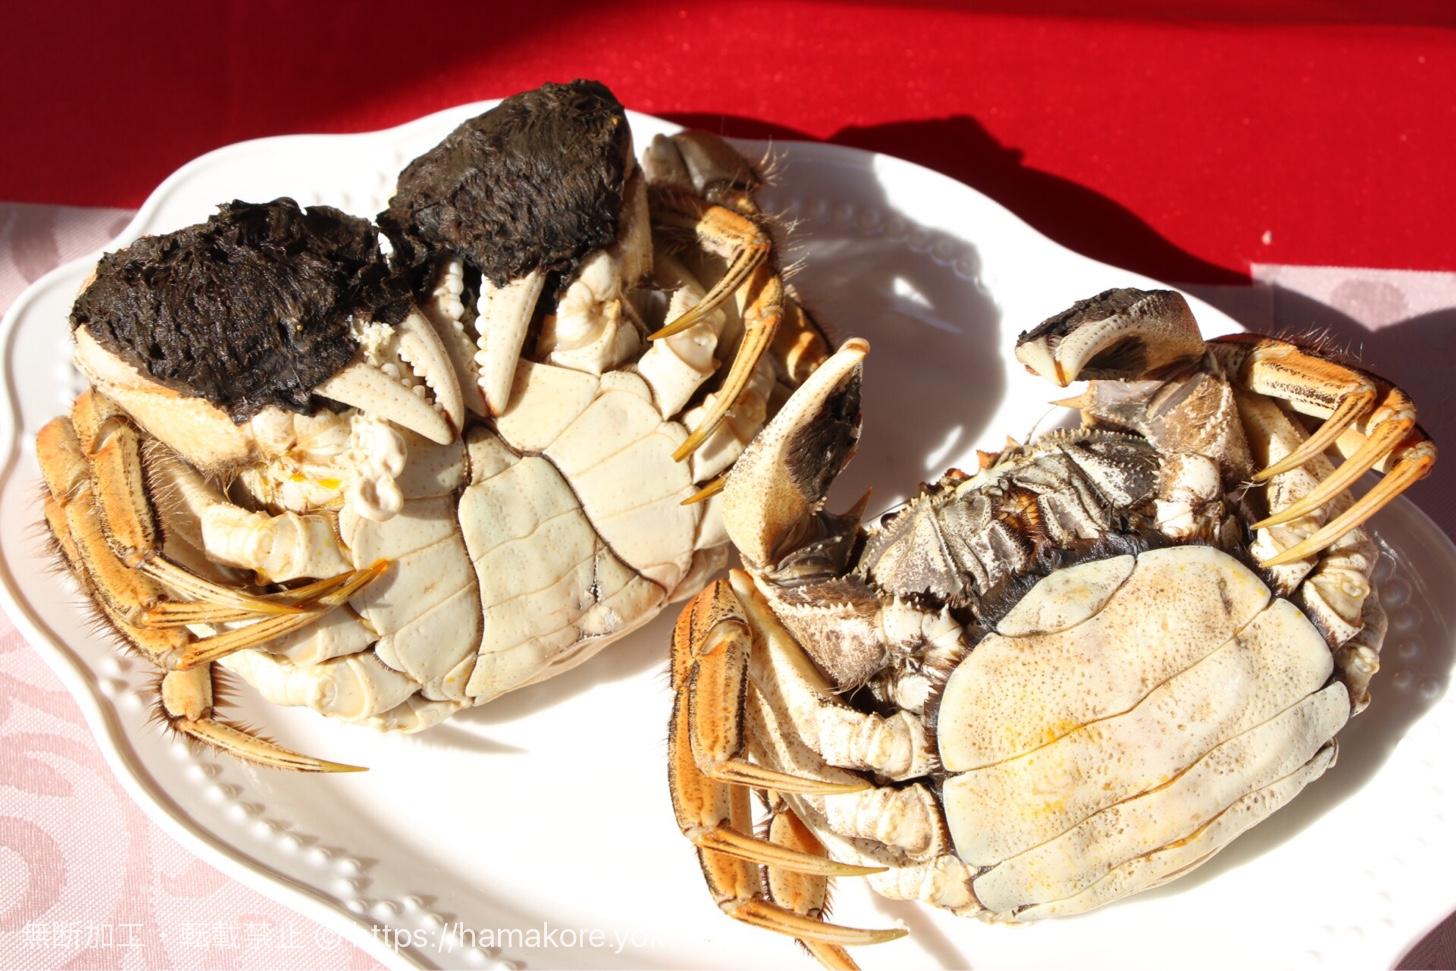 上海蟹のオスとメスの判別方法